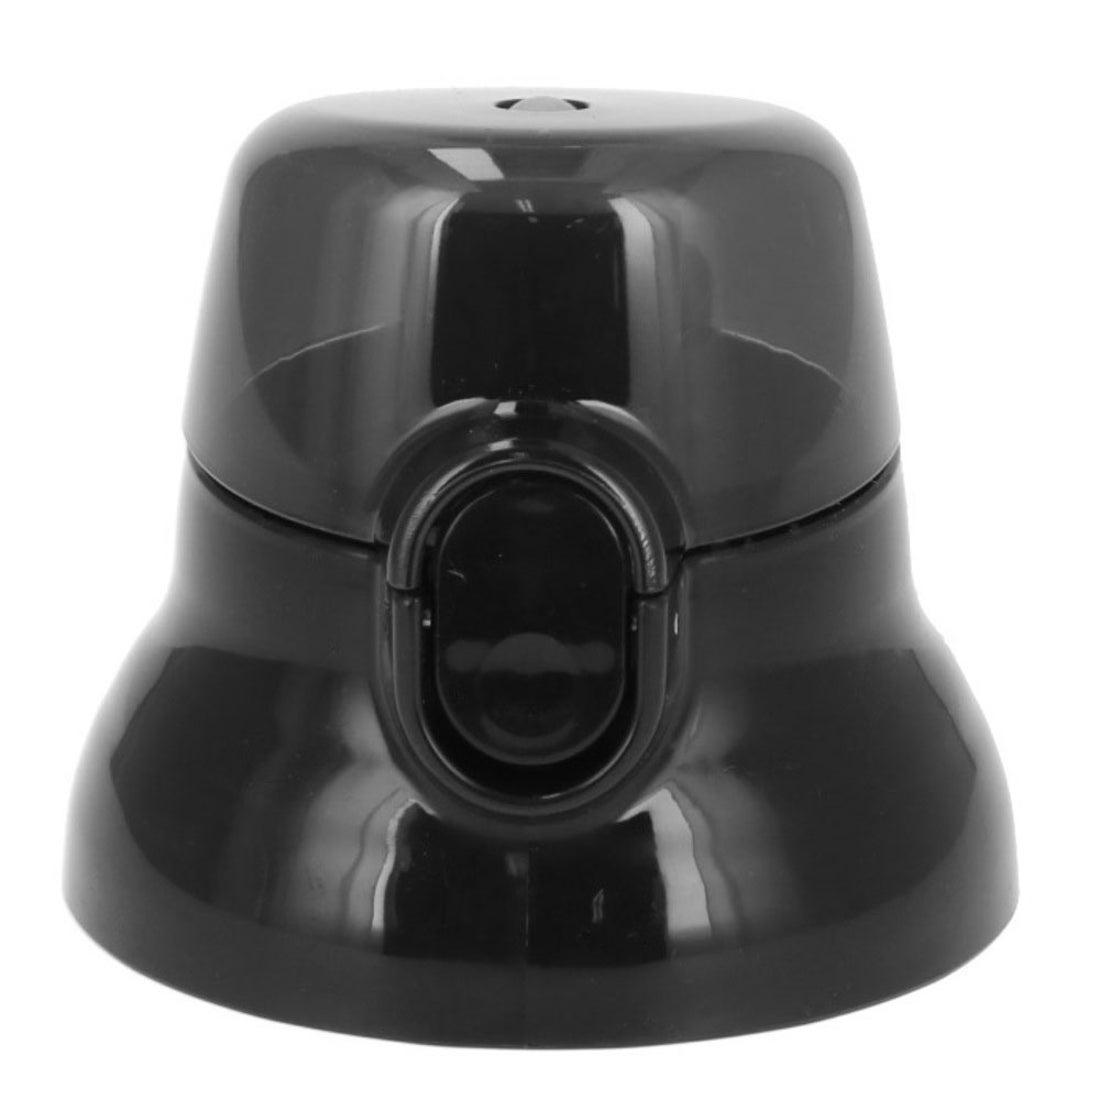 スケーター SKATER PSB5SAN専用 キャップユニット (ブラック)